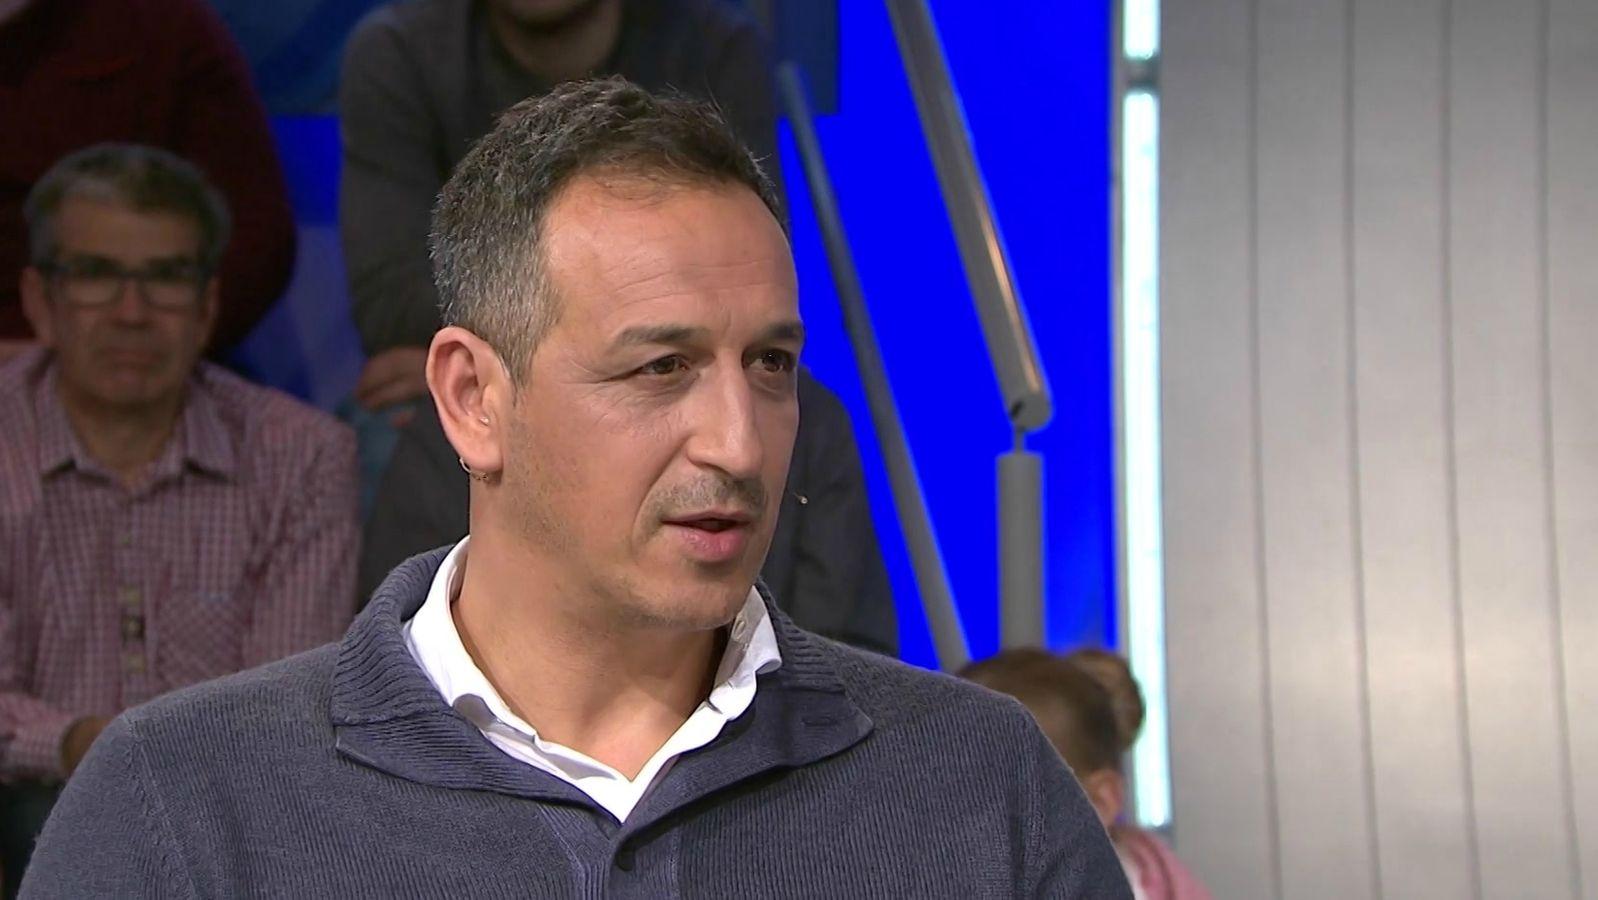 """Rachid Azzouzi: """"Der Rassismus ist immer vorhanden"""""""